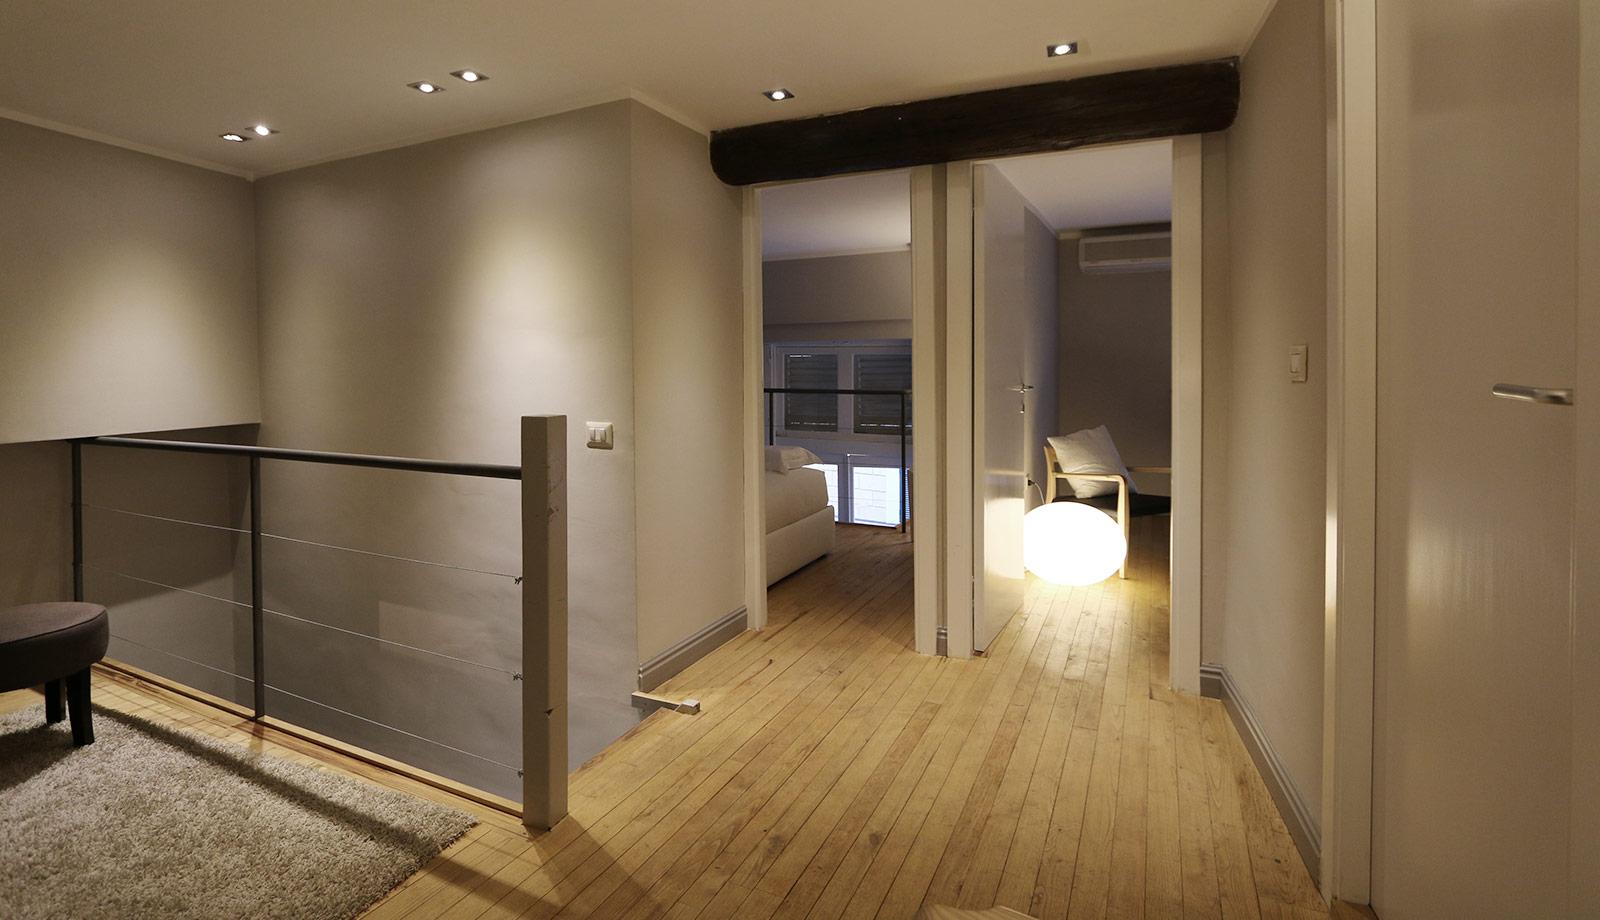 Appartamenti di palazzo cambiaso genova design apartments - Appartamenti di design ...